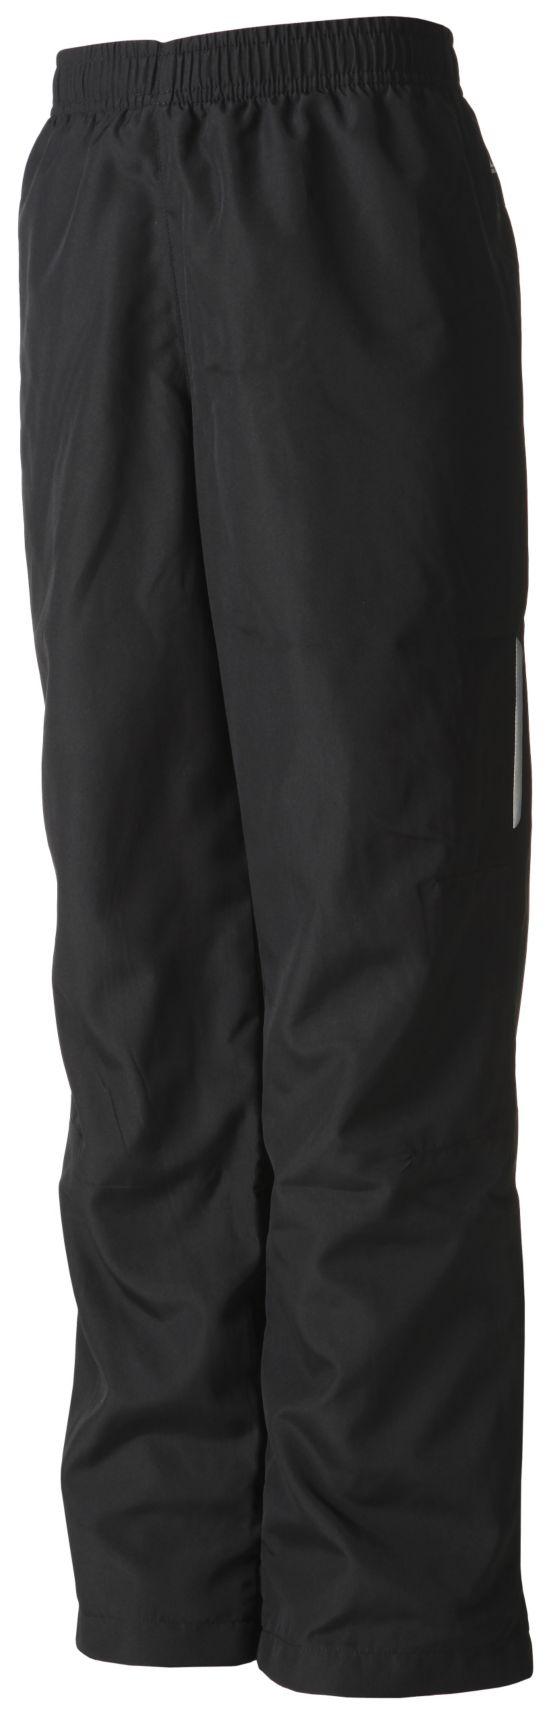 FS Porterio Woven Bukse Junior